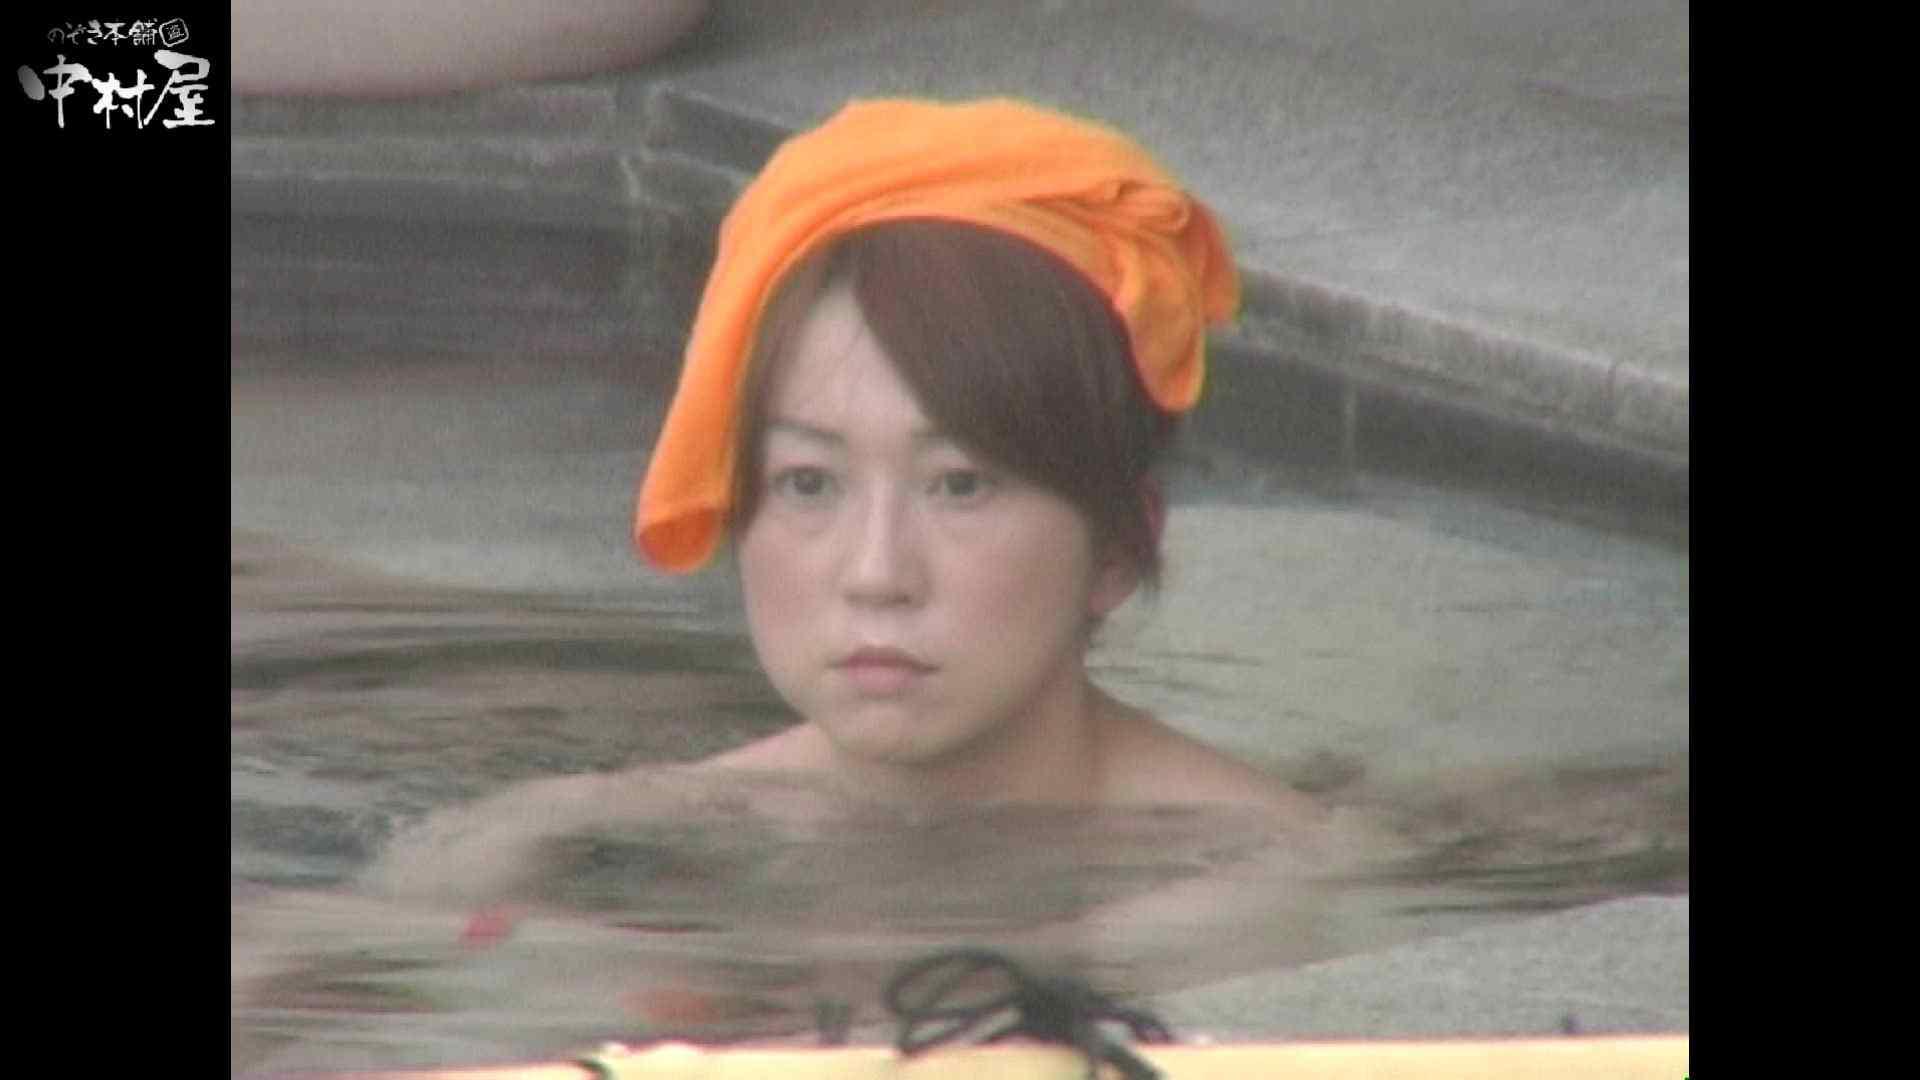 Aquaな露天風呂Vol.941 美しいOLの裸体 アダルト動画キャプチャ 76pic 53